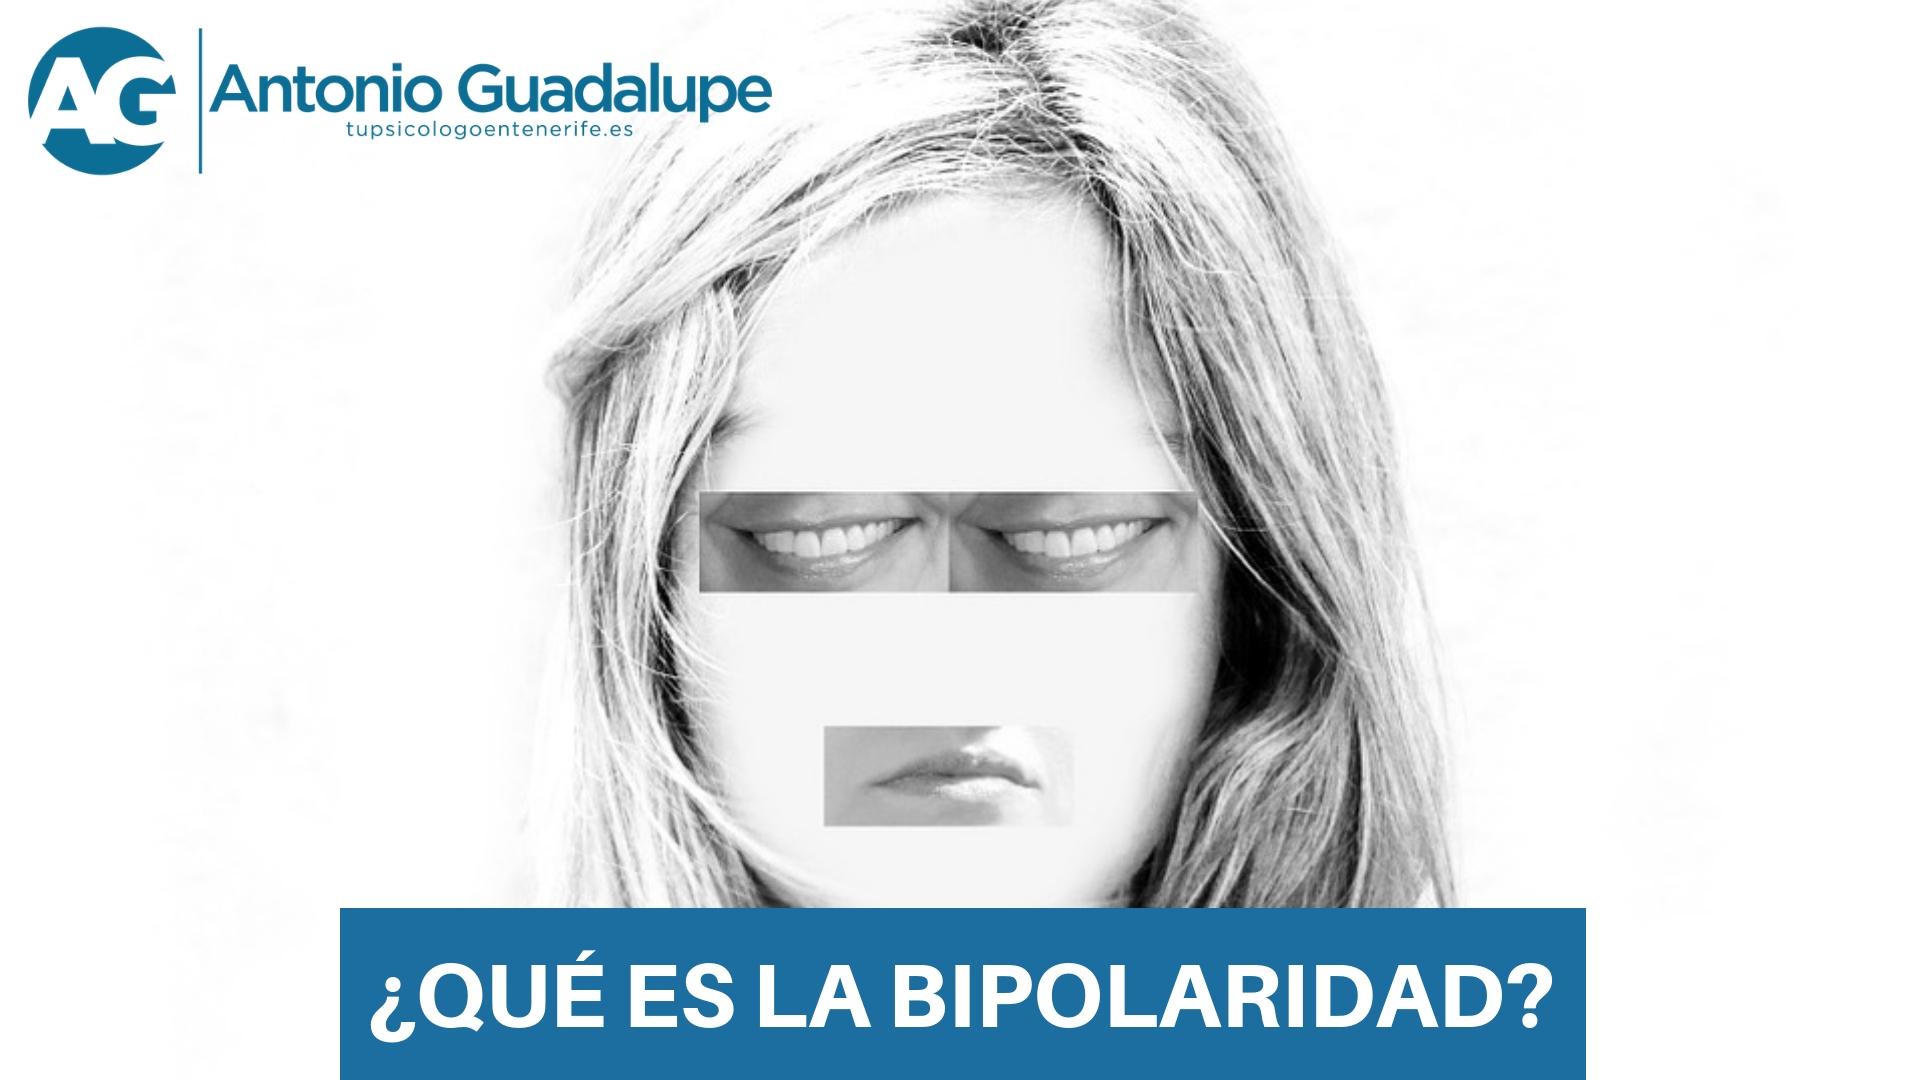 ¿Qué es la bipolaridad? Tu Psicólogo en Tenerife te ayuda